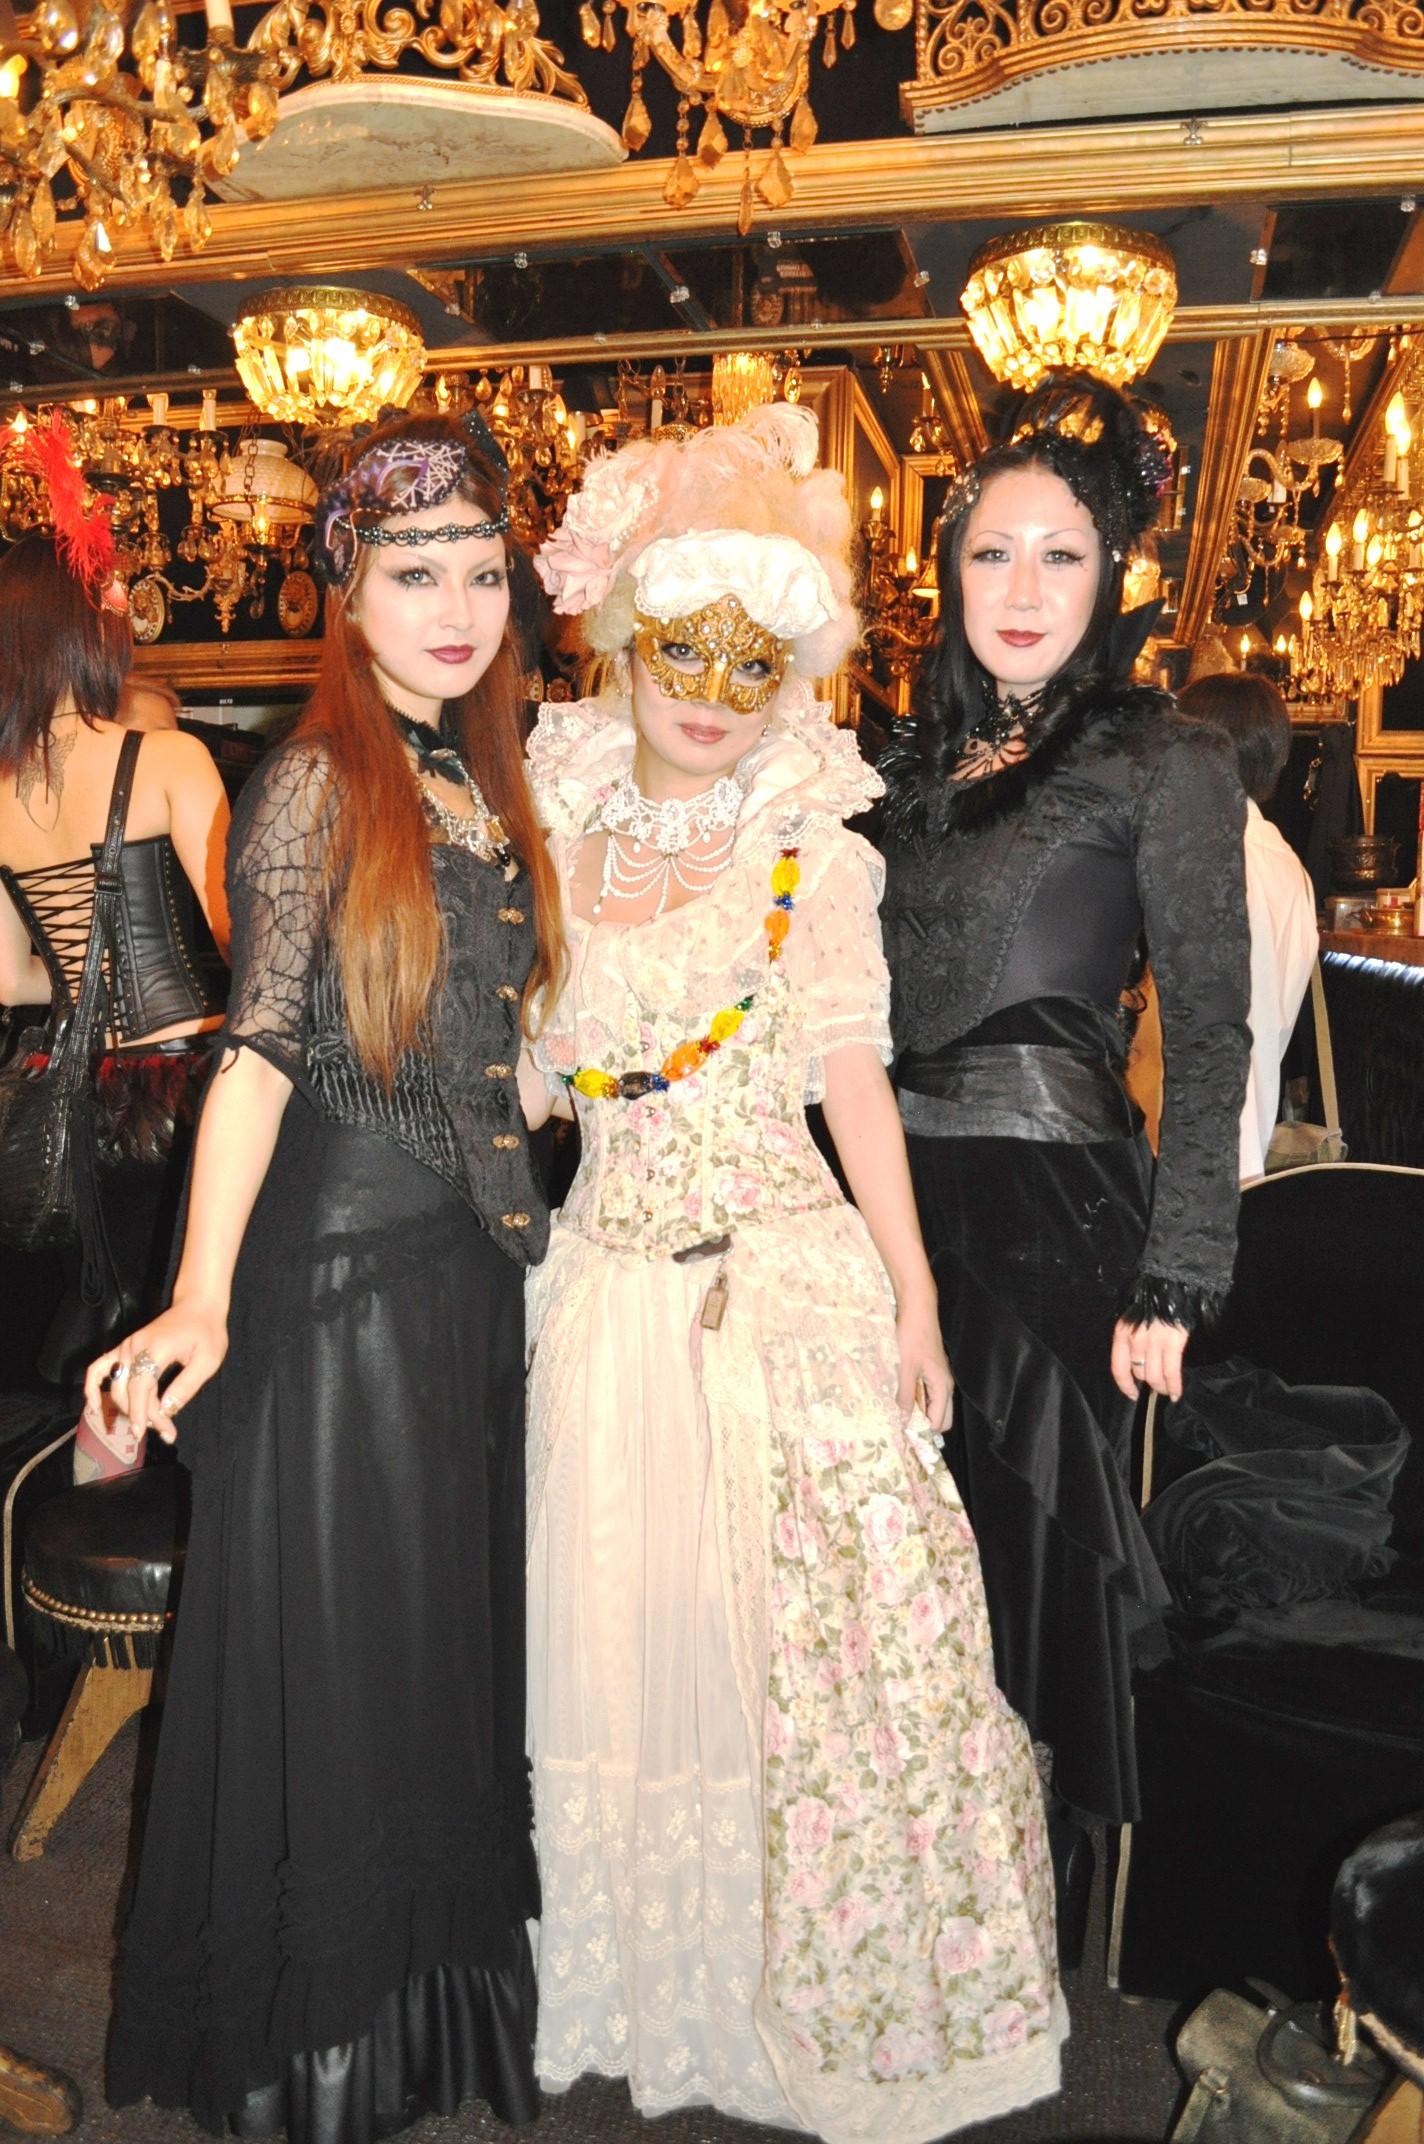 Abilletage Halloween 2012